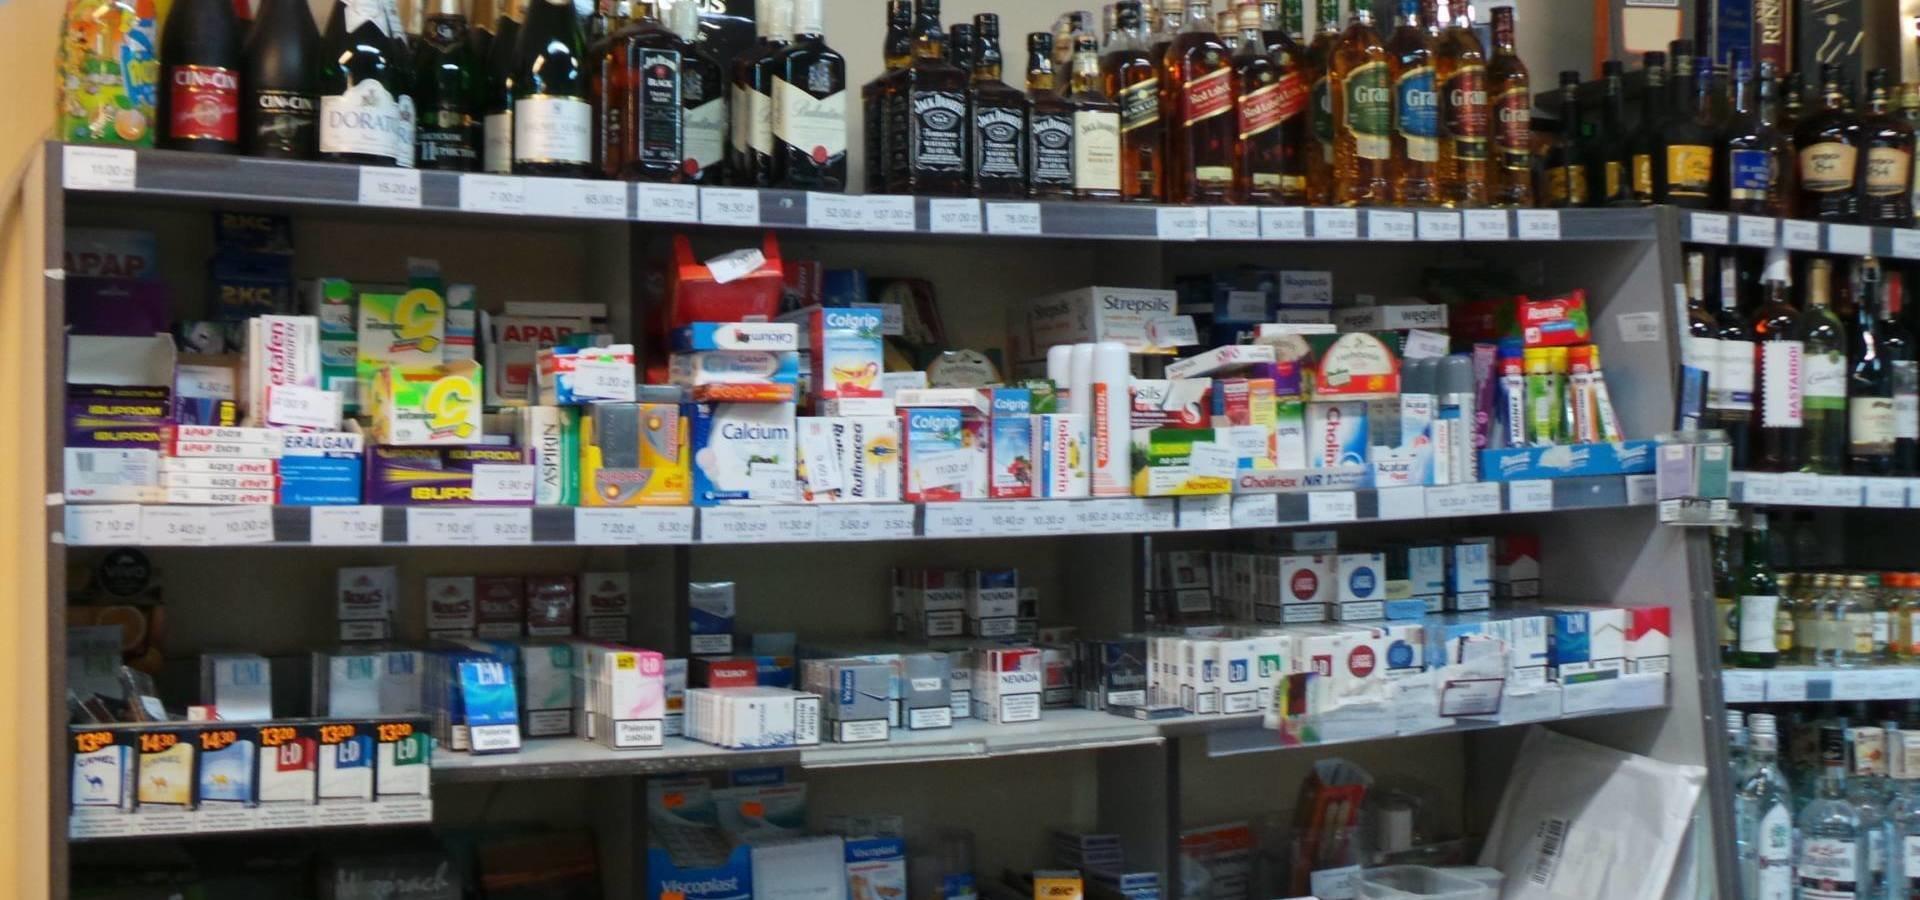 Projekt  ograniczeń w sprzedaży leków poza aptekami